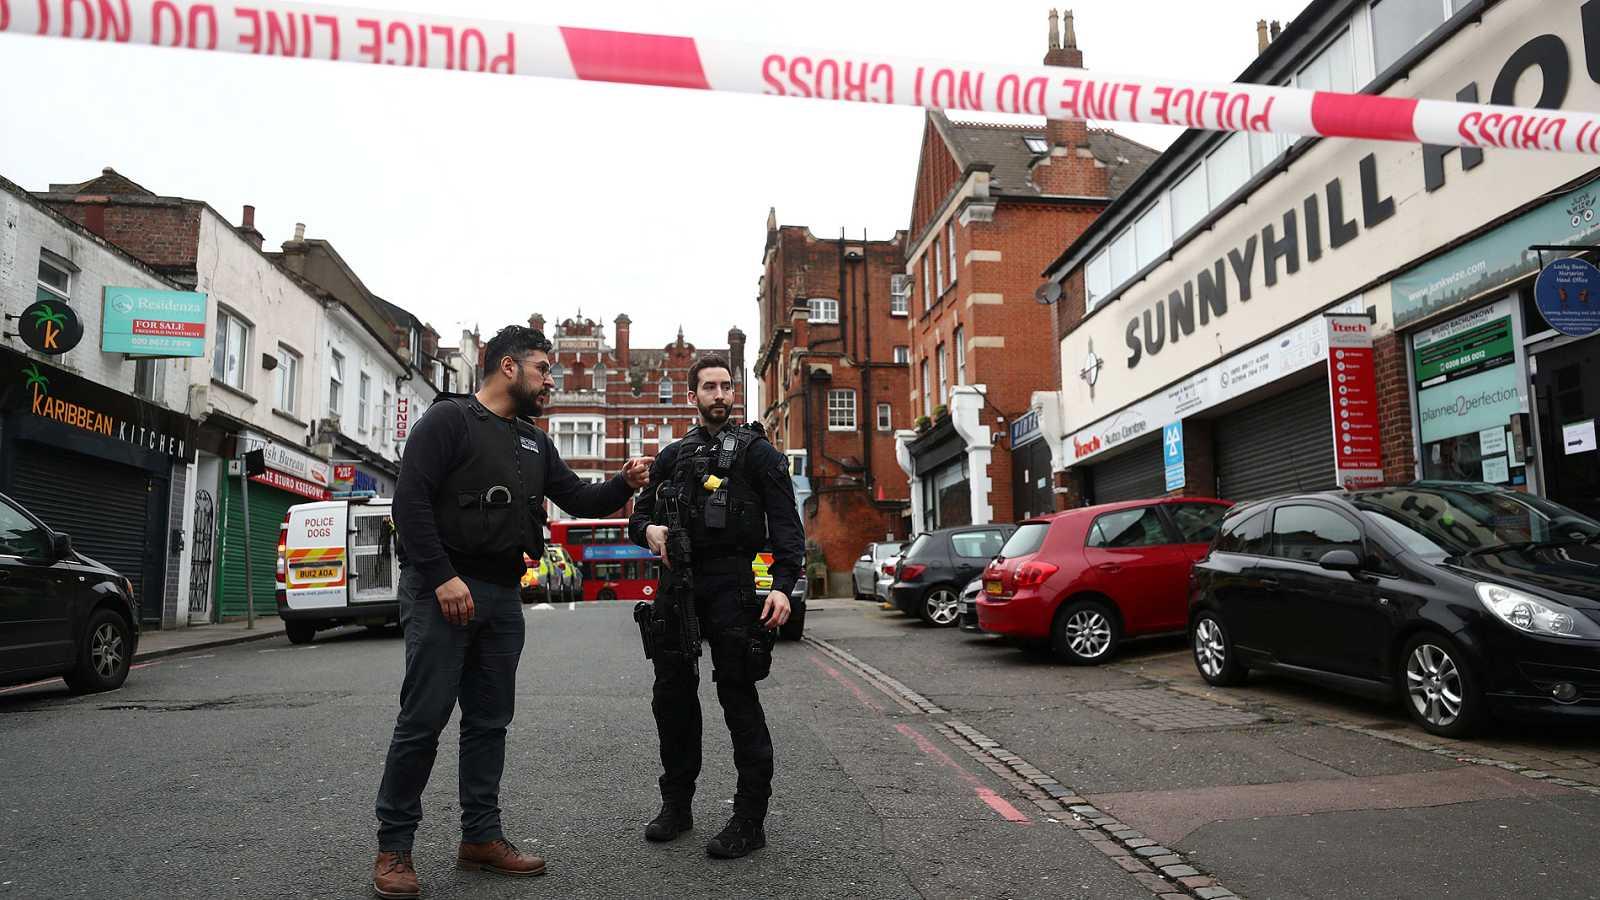 La Policía de Londres mata a un hombre tras un apuñalamiento múltiple